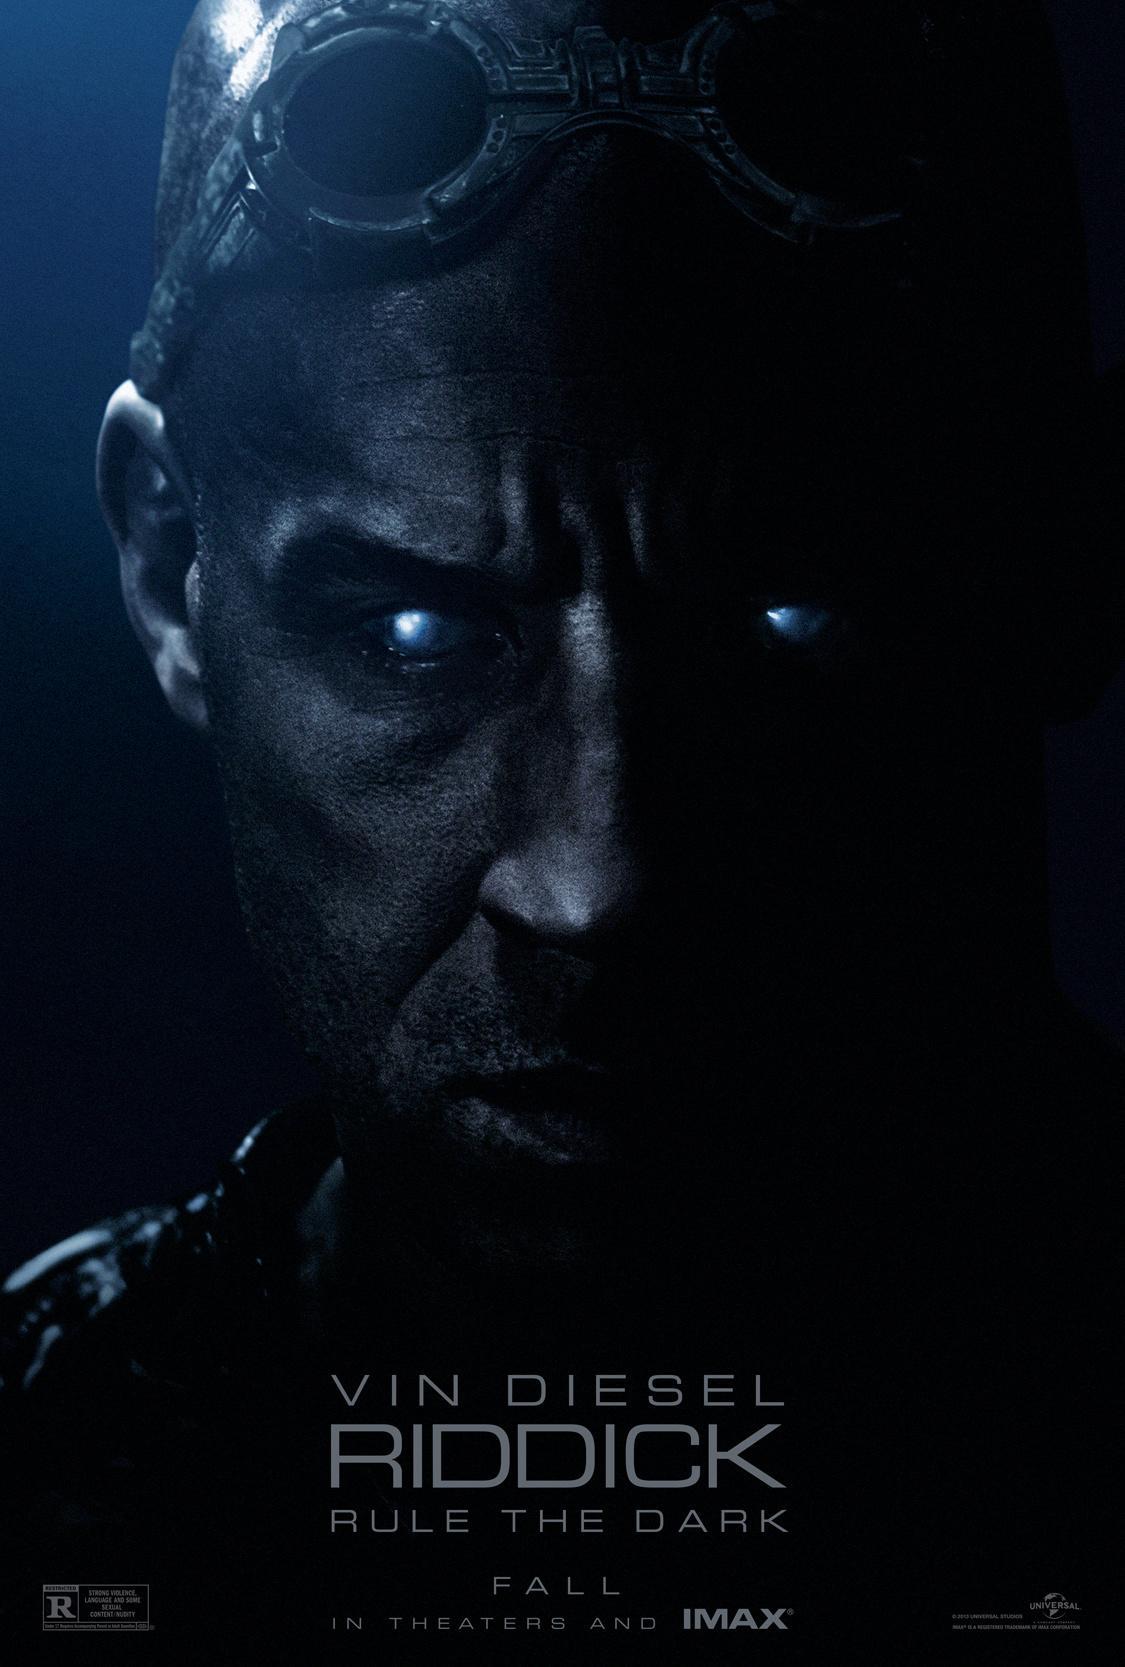 《星际传奇3》(Riddick)曝全长预告 范·迪塞尔激战异星妖兽